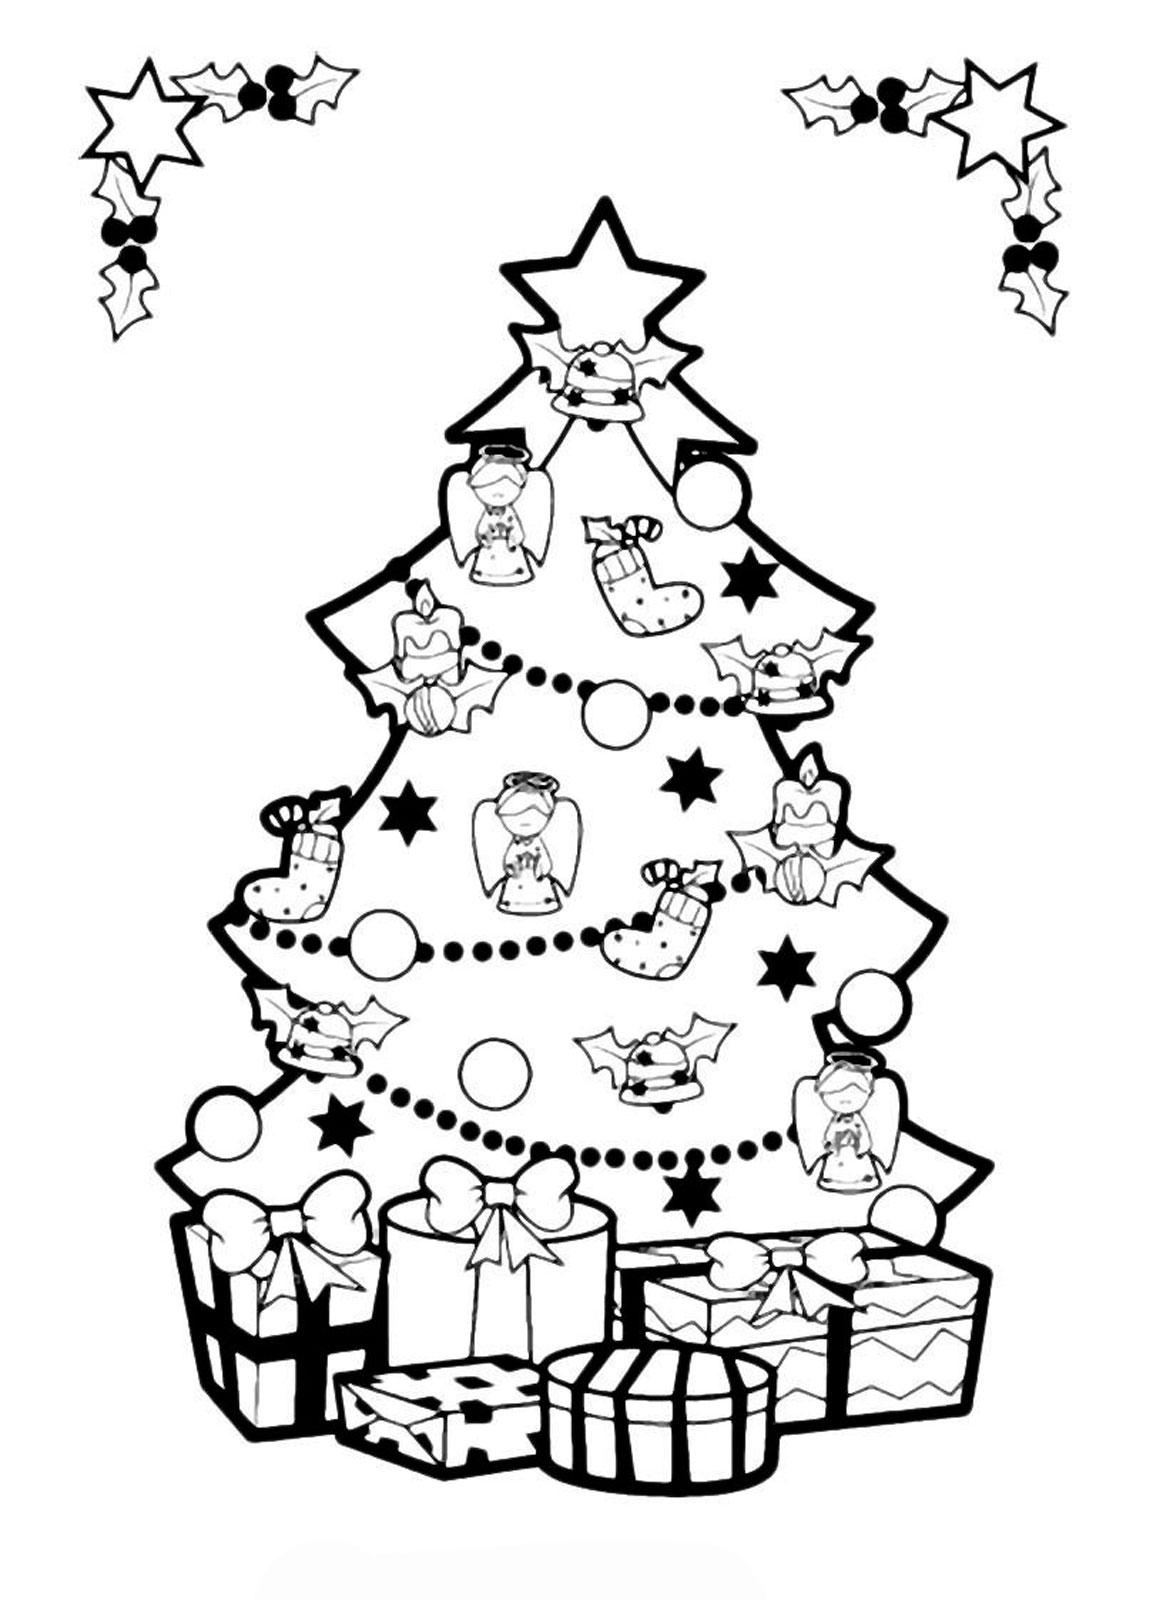 50 занимательных раскрасок новогодних ёлок Скачать бесплатно